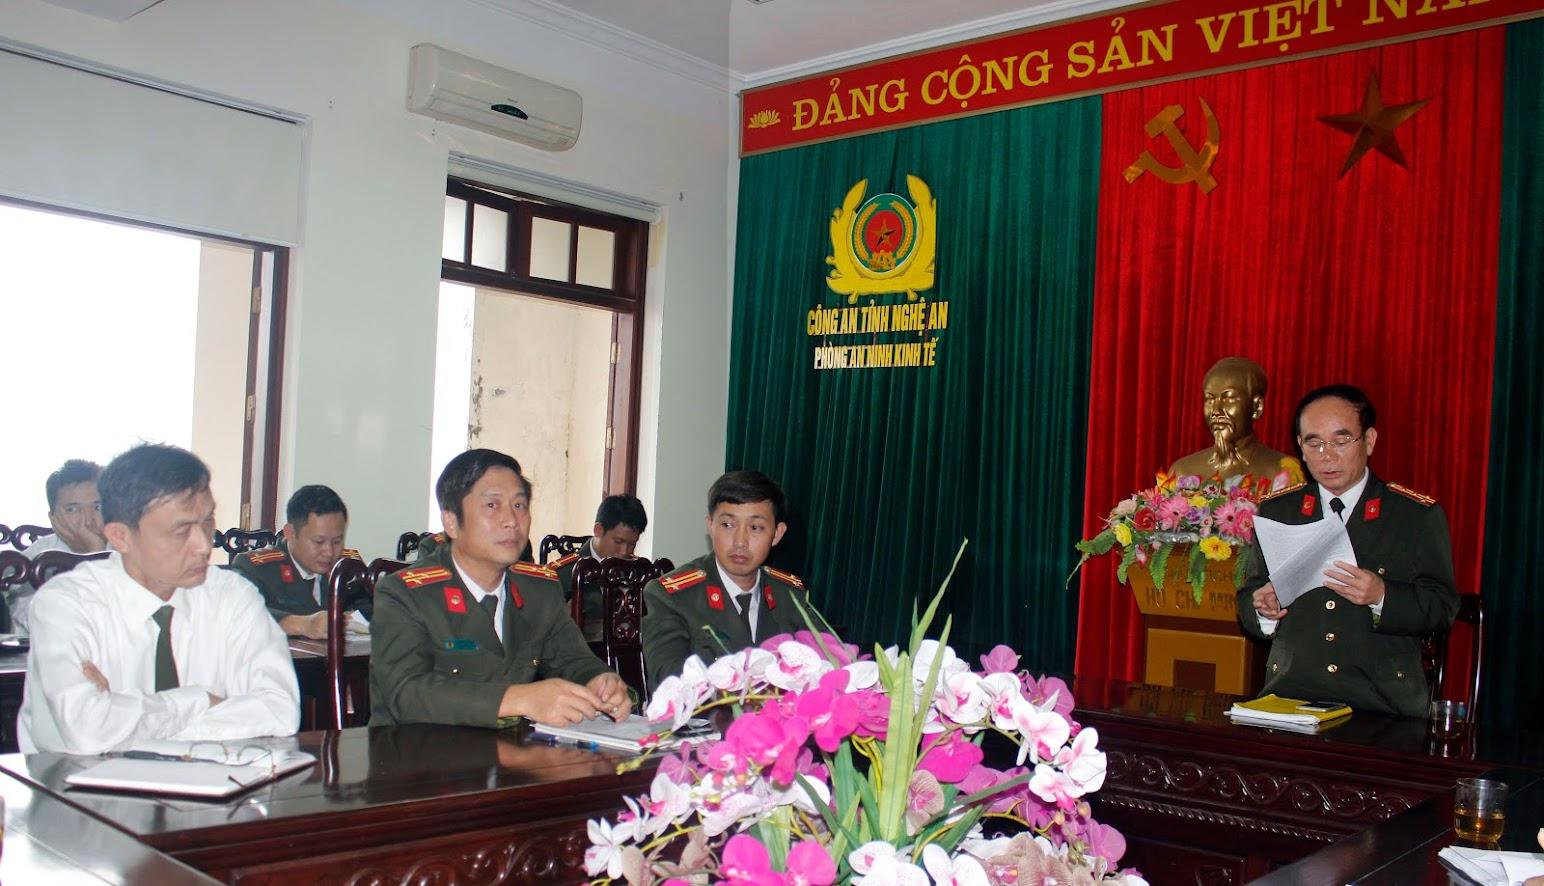 Đại tá Ngô Xuân Đề, Truởng phòng An ninh Kinh tế phát biểu tại lễ phát động